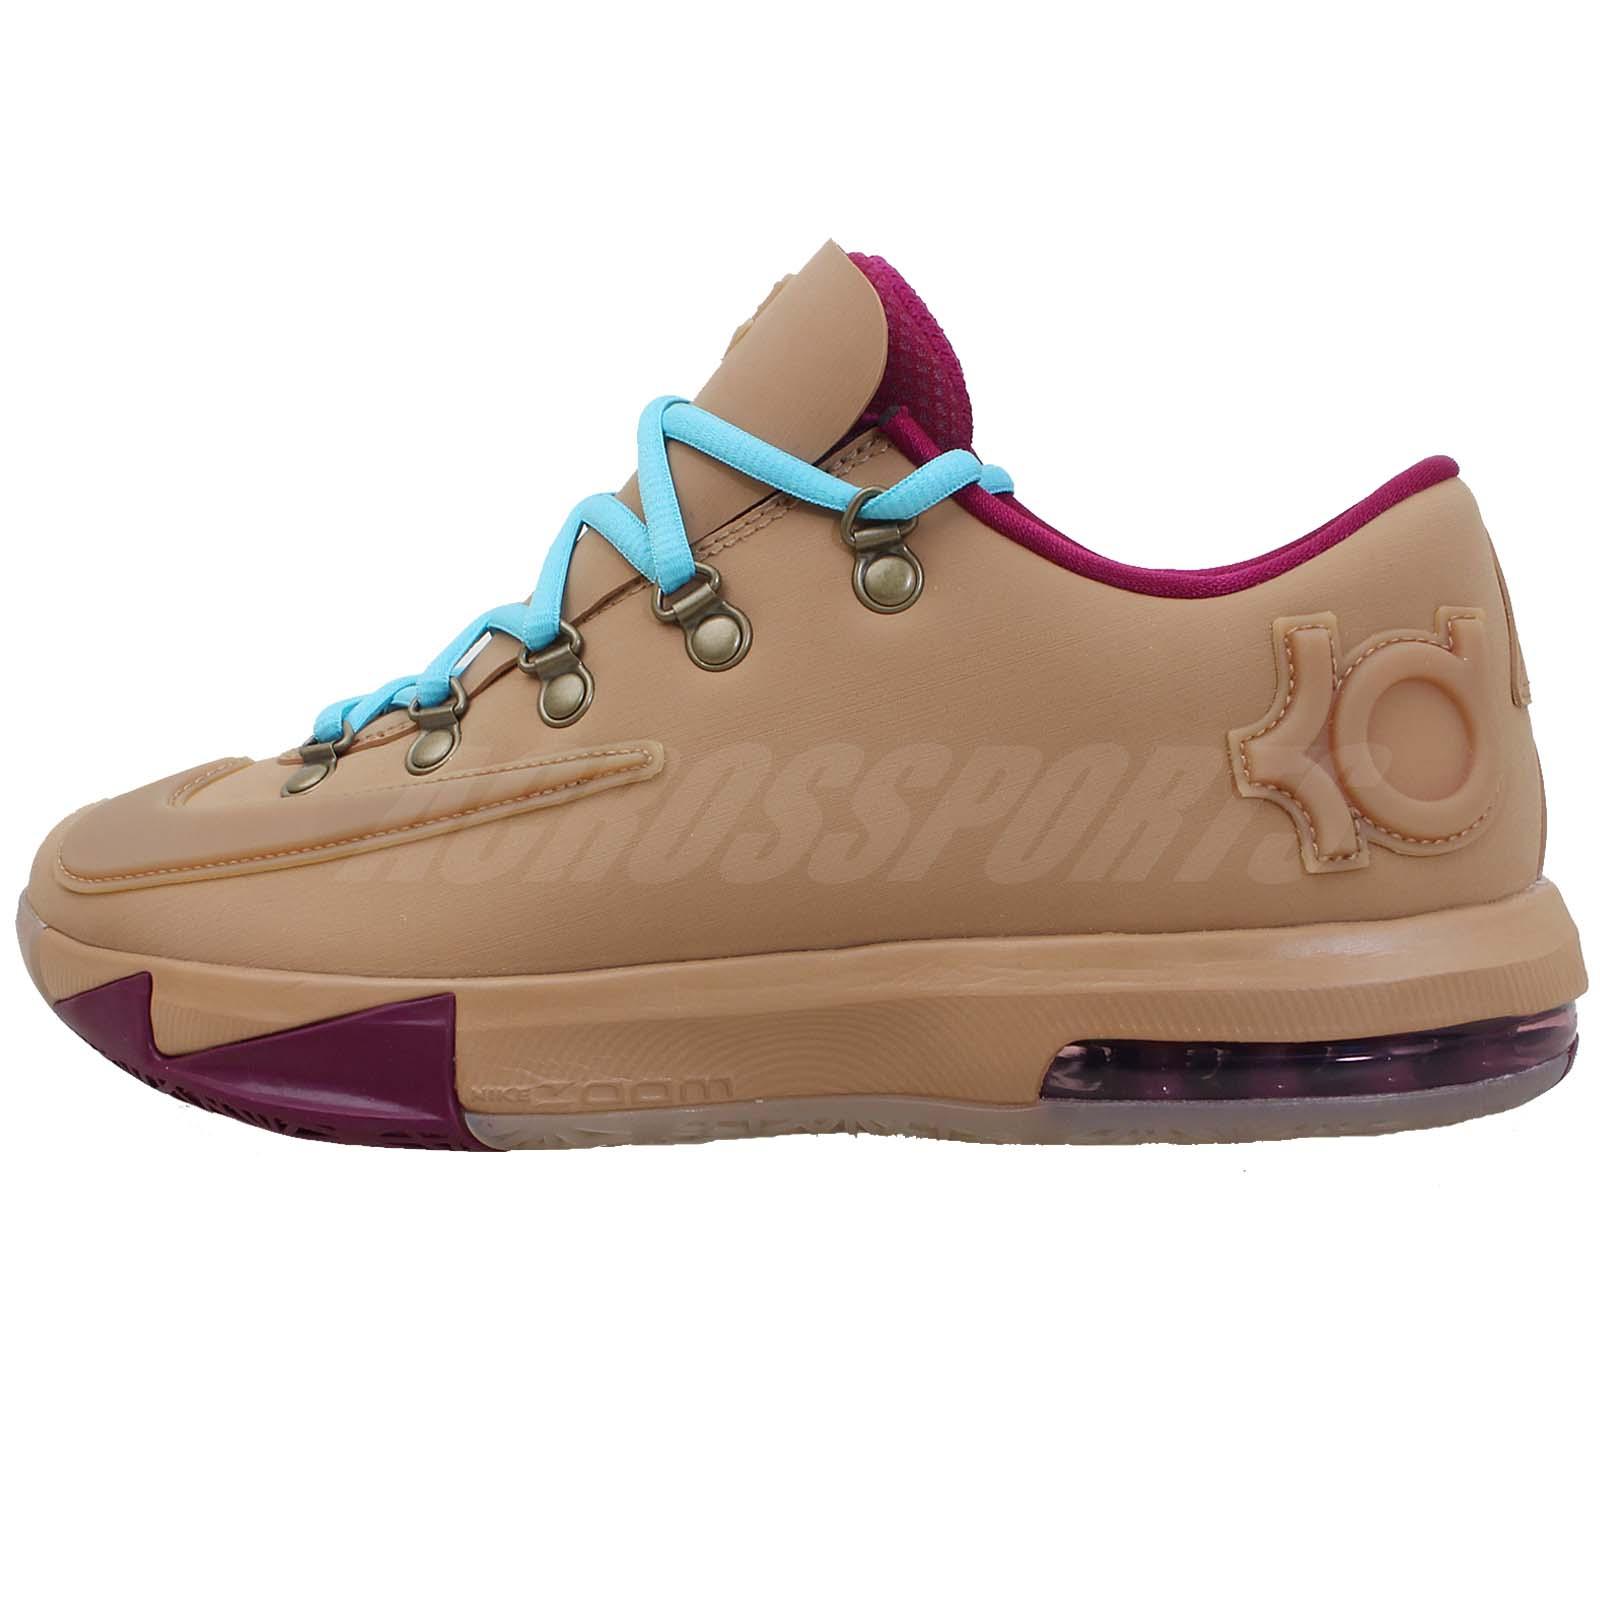 best website 051c6 cd20a Nike Air Zoom Kobe 1 Women Nike Grey Pink And Black Sneakers